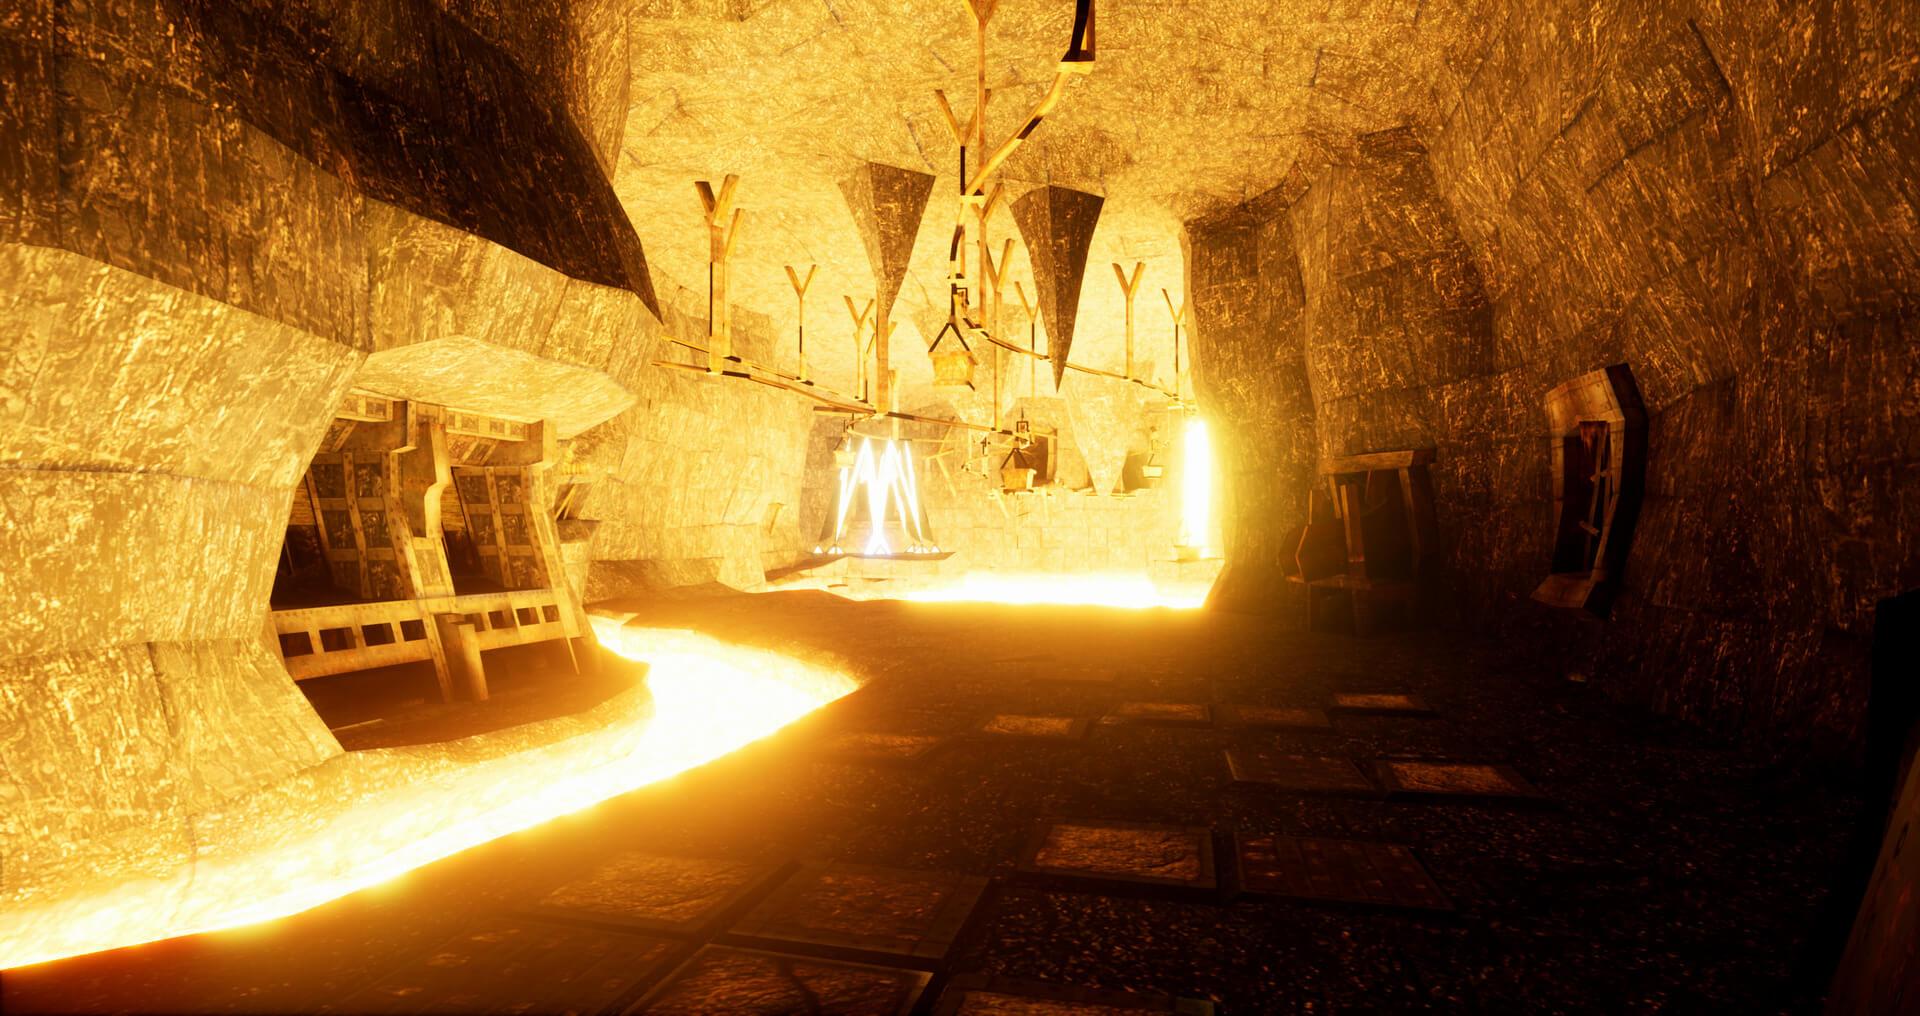 Новые скриншоты фанатского ремейка Arx Fatalis на Unreal Engine 4